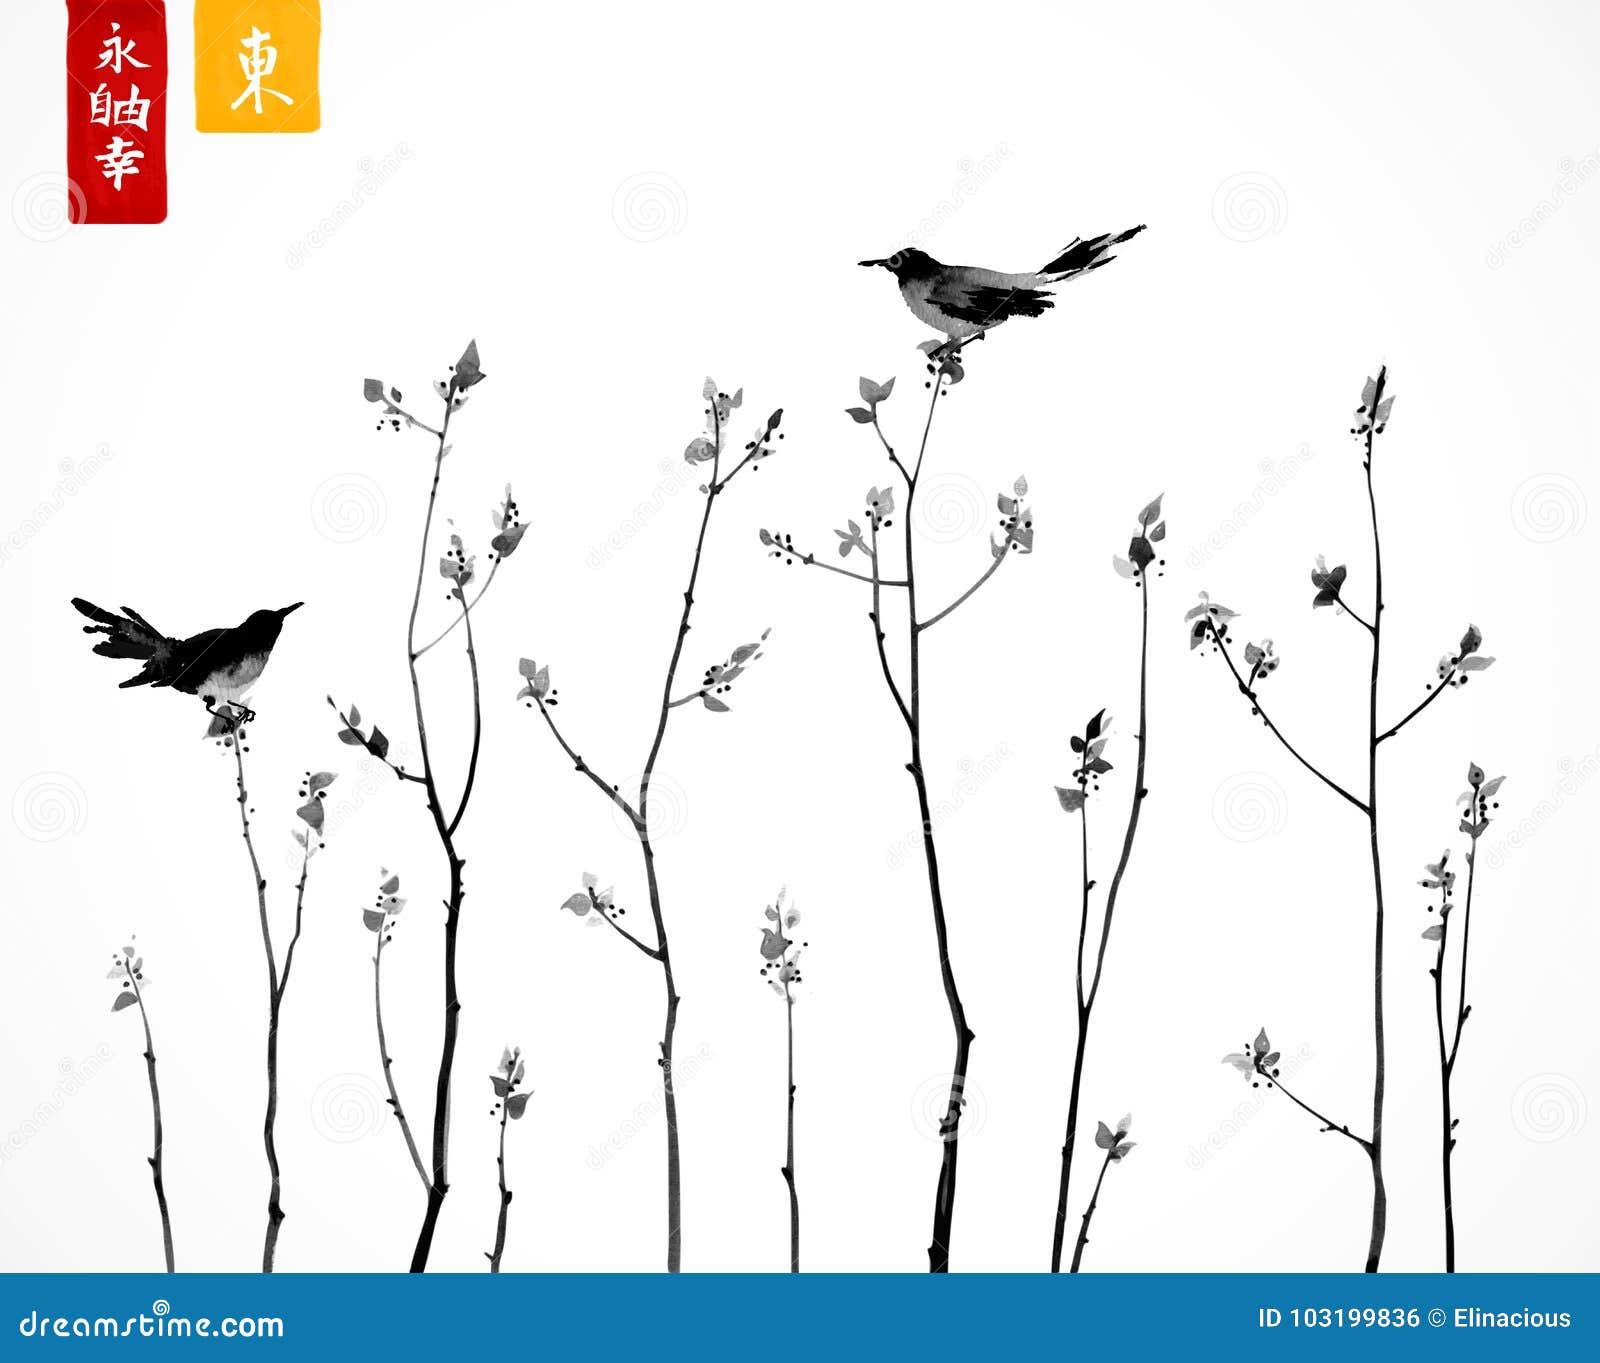 Dos pájaros negros en ramas de árboles en el fondo blanco Contiene los jeroglíficos - zen, libertad, naturaleza